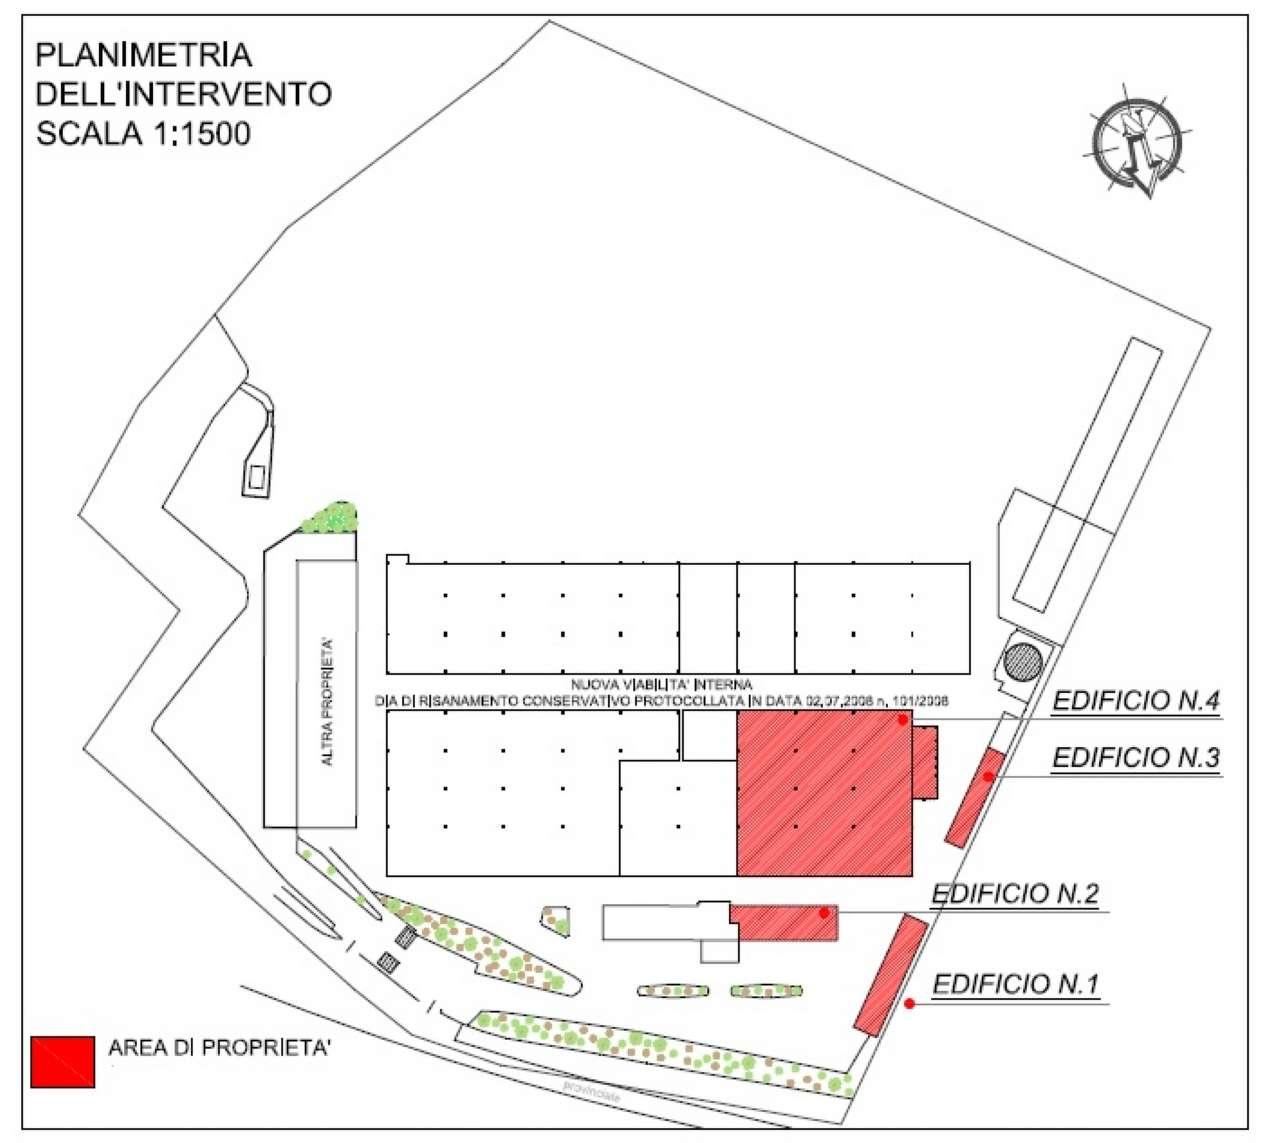 Capannone in vendita a Alpignano, 1 locali, prezzo € 2.950.000 | PortaleAgenzieImmobiliari.it